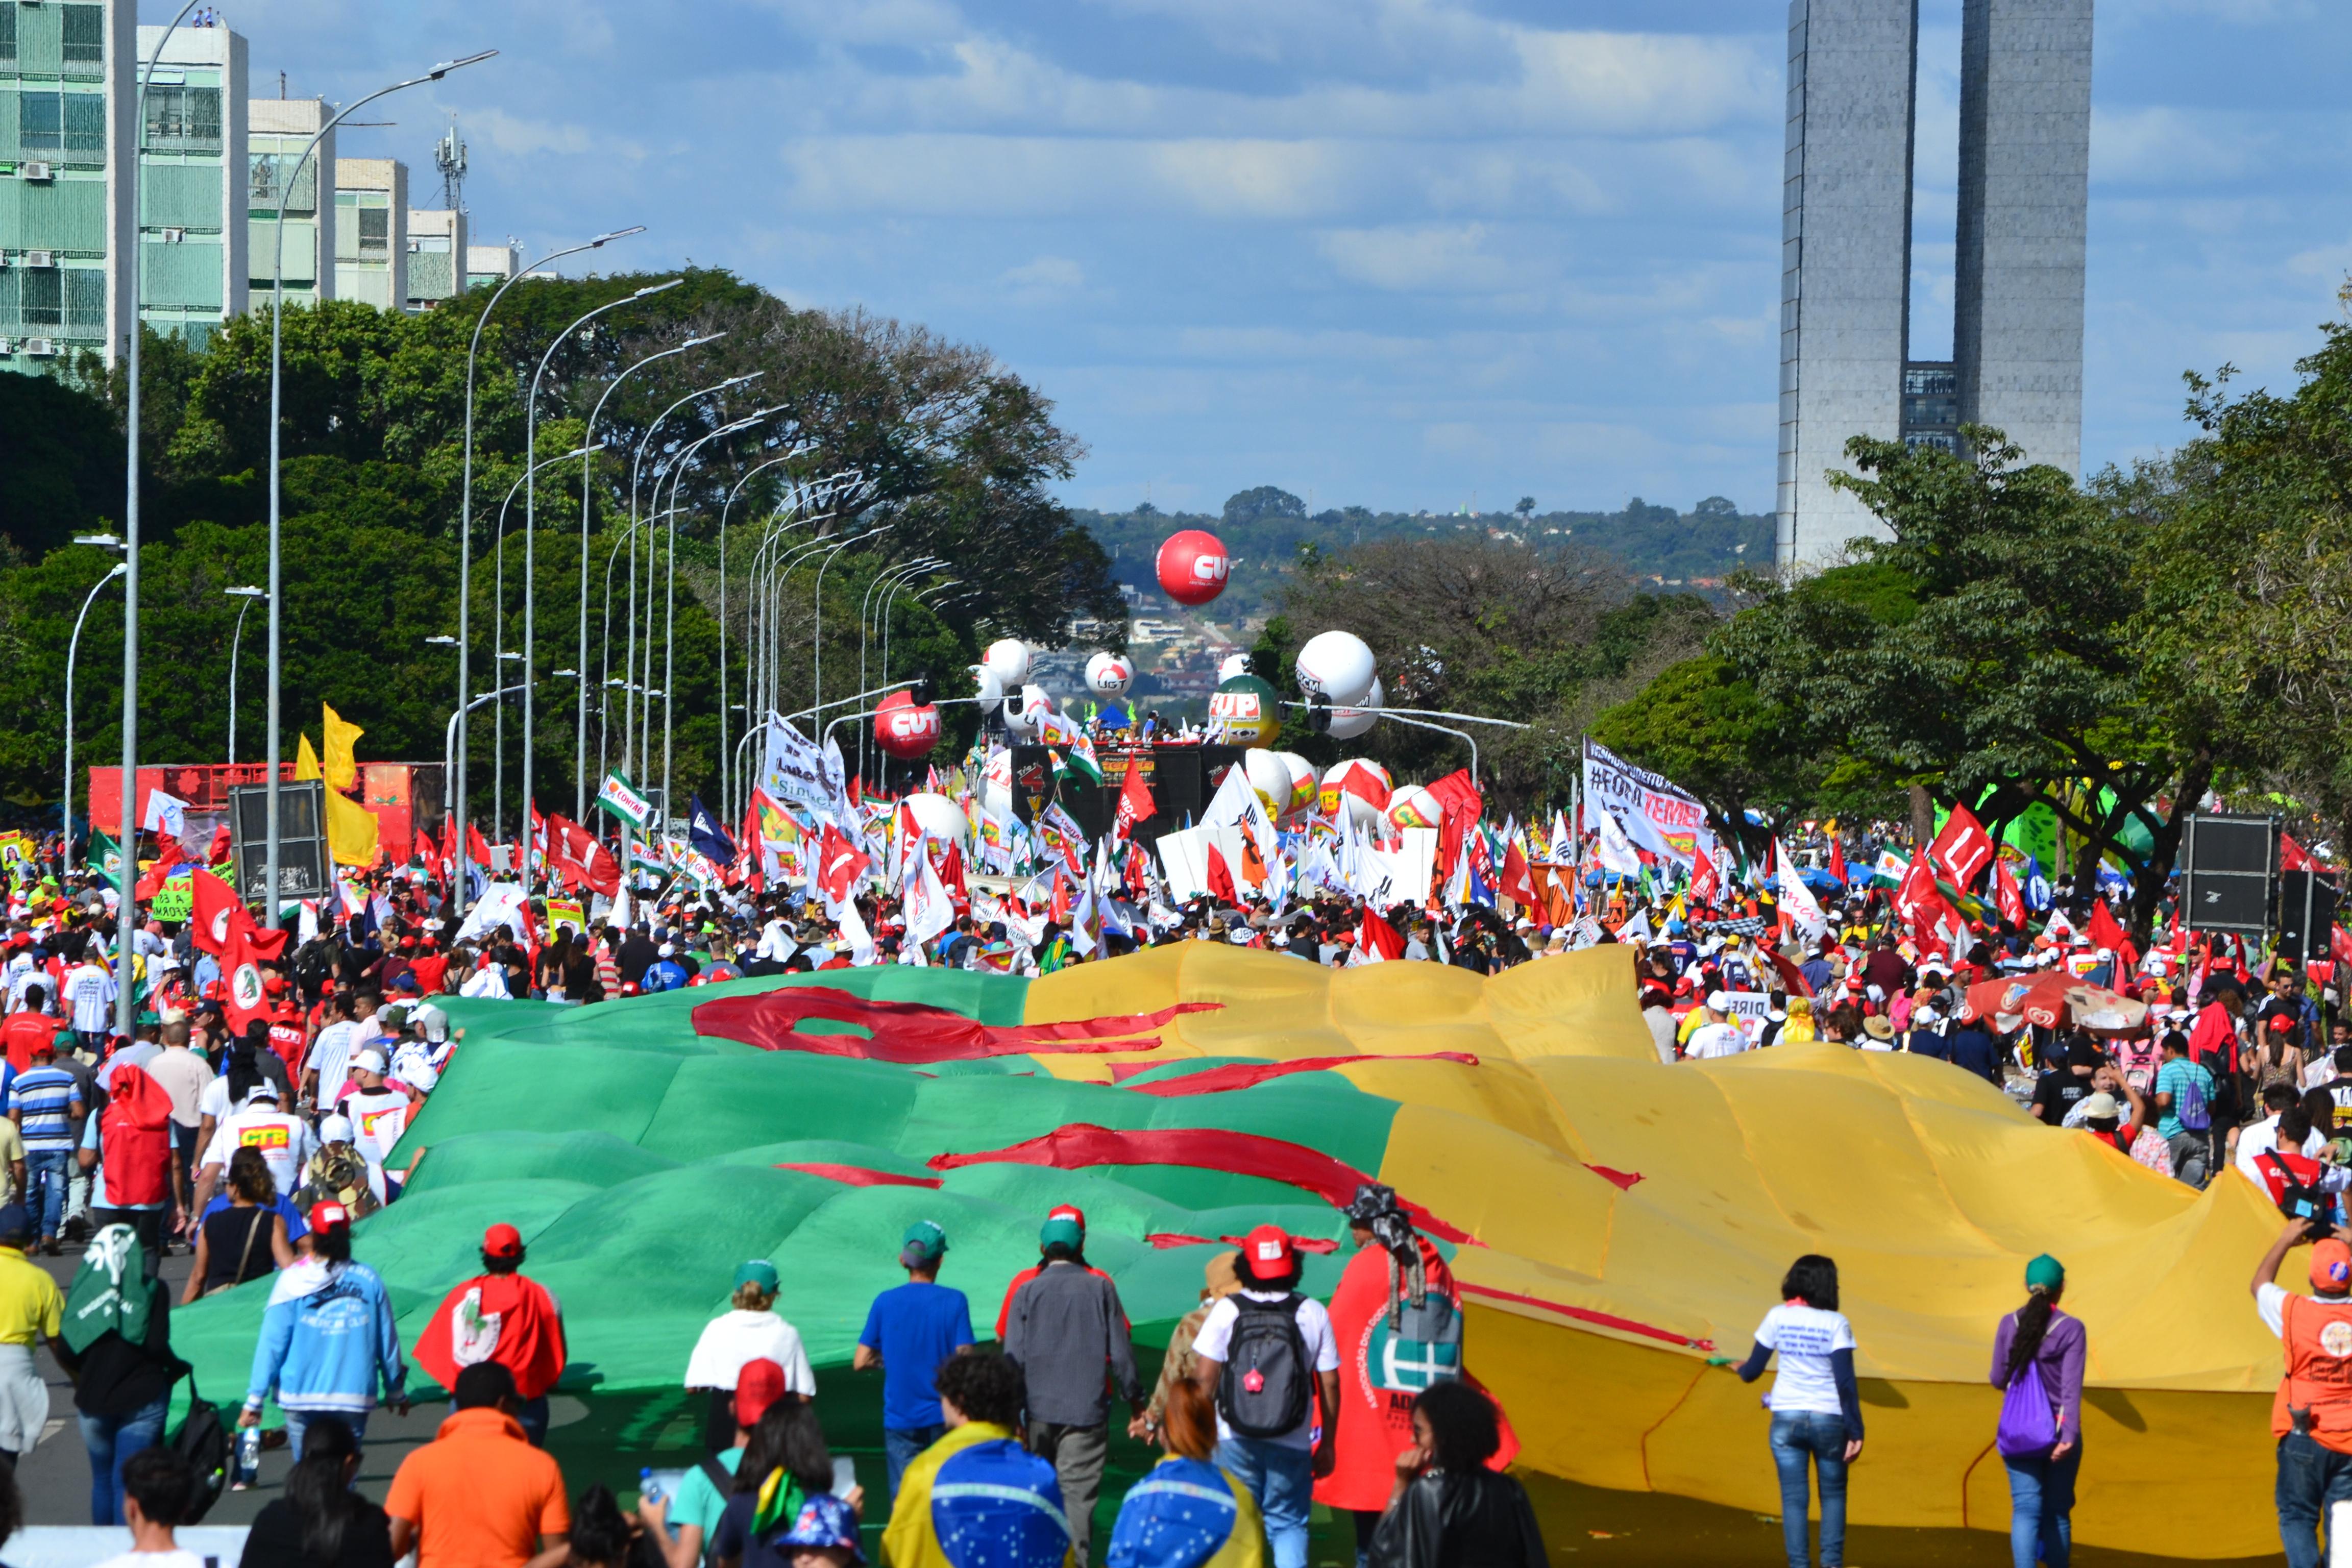 Ocupa Brasília: Manifestantes resistem contra Temer e as reformas